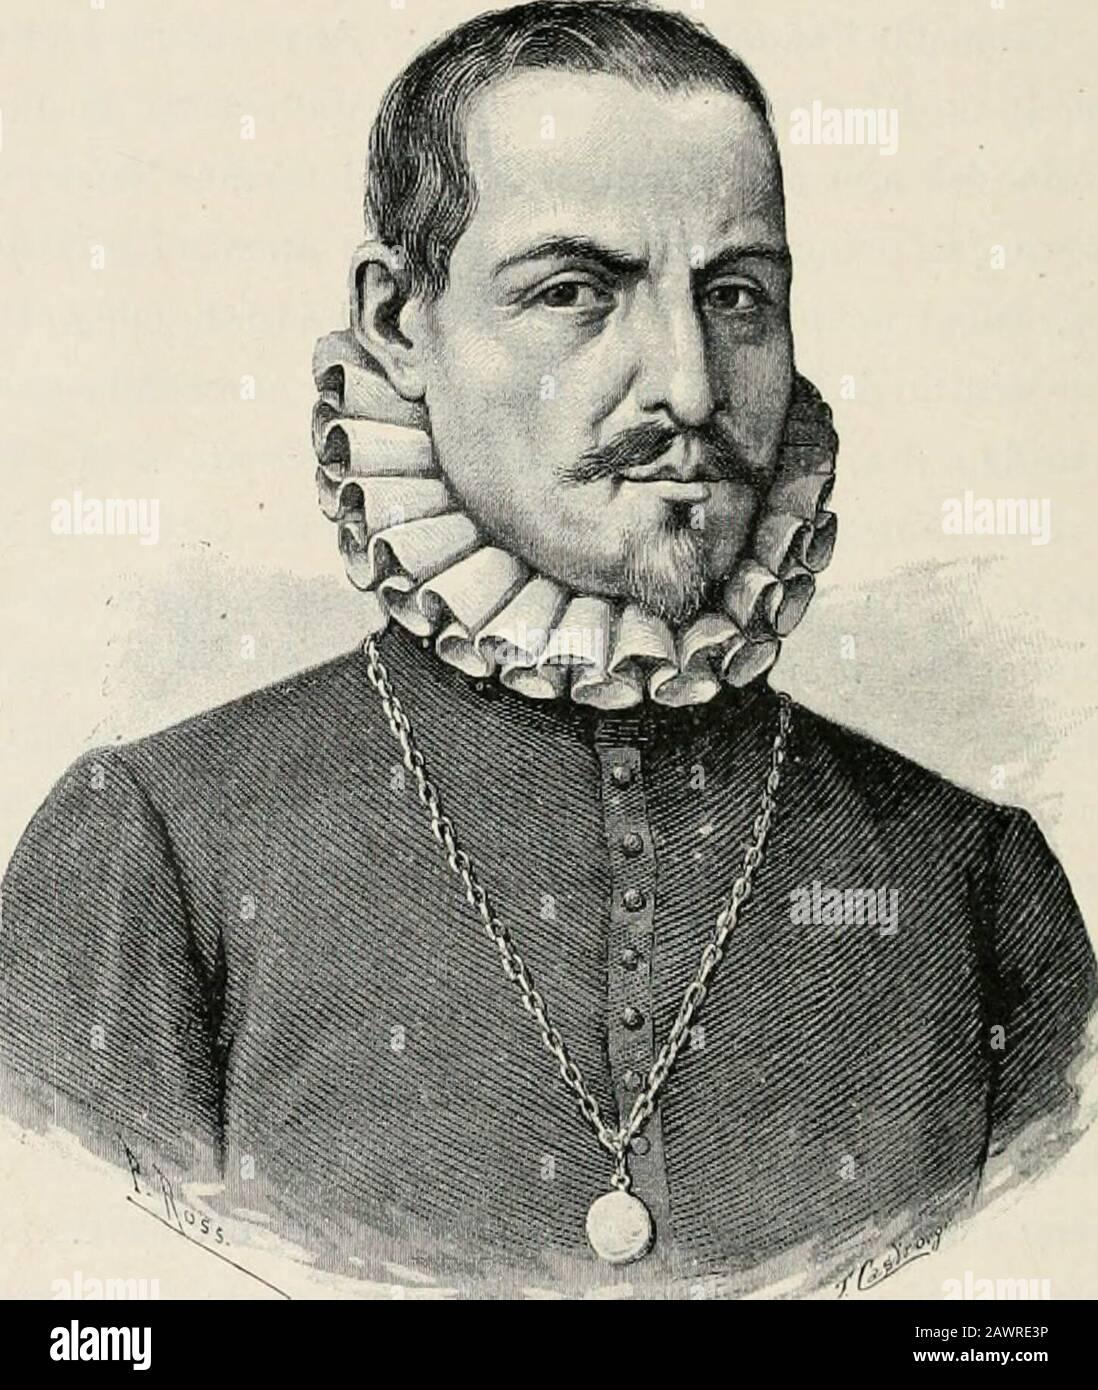 Cristóbal Cólon : su vida, sus viajes, sus descubrimientos . LXVI CRISTÓBAL COLÓN í=í=V .*• V , ?—íf ,s^ mz .  r> m- -*- ^. ^/i nador de la provincia de Cartagena, 5 alcalde del fuerte deSanto Domingo, habiendo ocho veces pasado el grande Occcauo,murió en Valladolid en 1557. Aunque á Herrera, como cronista mayor de Indias,se le facilitaron todos los documentos que existían en losarchivos oficiales, su obra, en lo relativo al descubrimiento. ANTONIO DE HERRERA ^.-V. T-- j^V^.Ji. 3^ á la vida de Cristóbal Colón, es una mera ampliacion delo dicho por fray Bartolomé de Las Casas, á quie Stock Photo